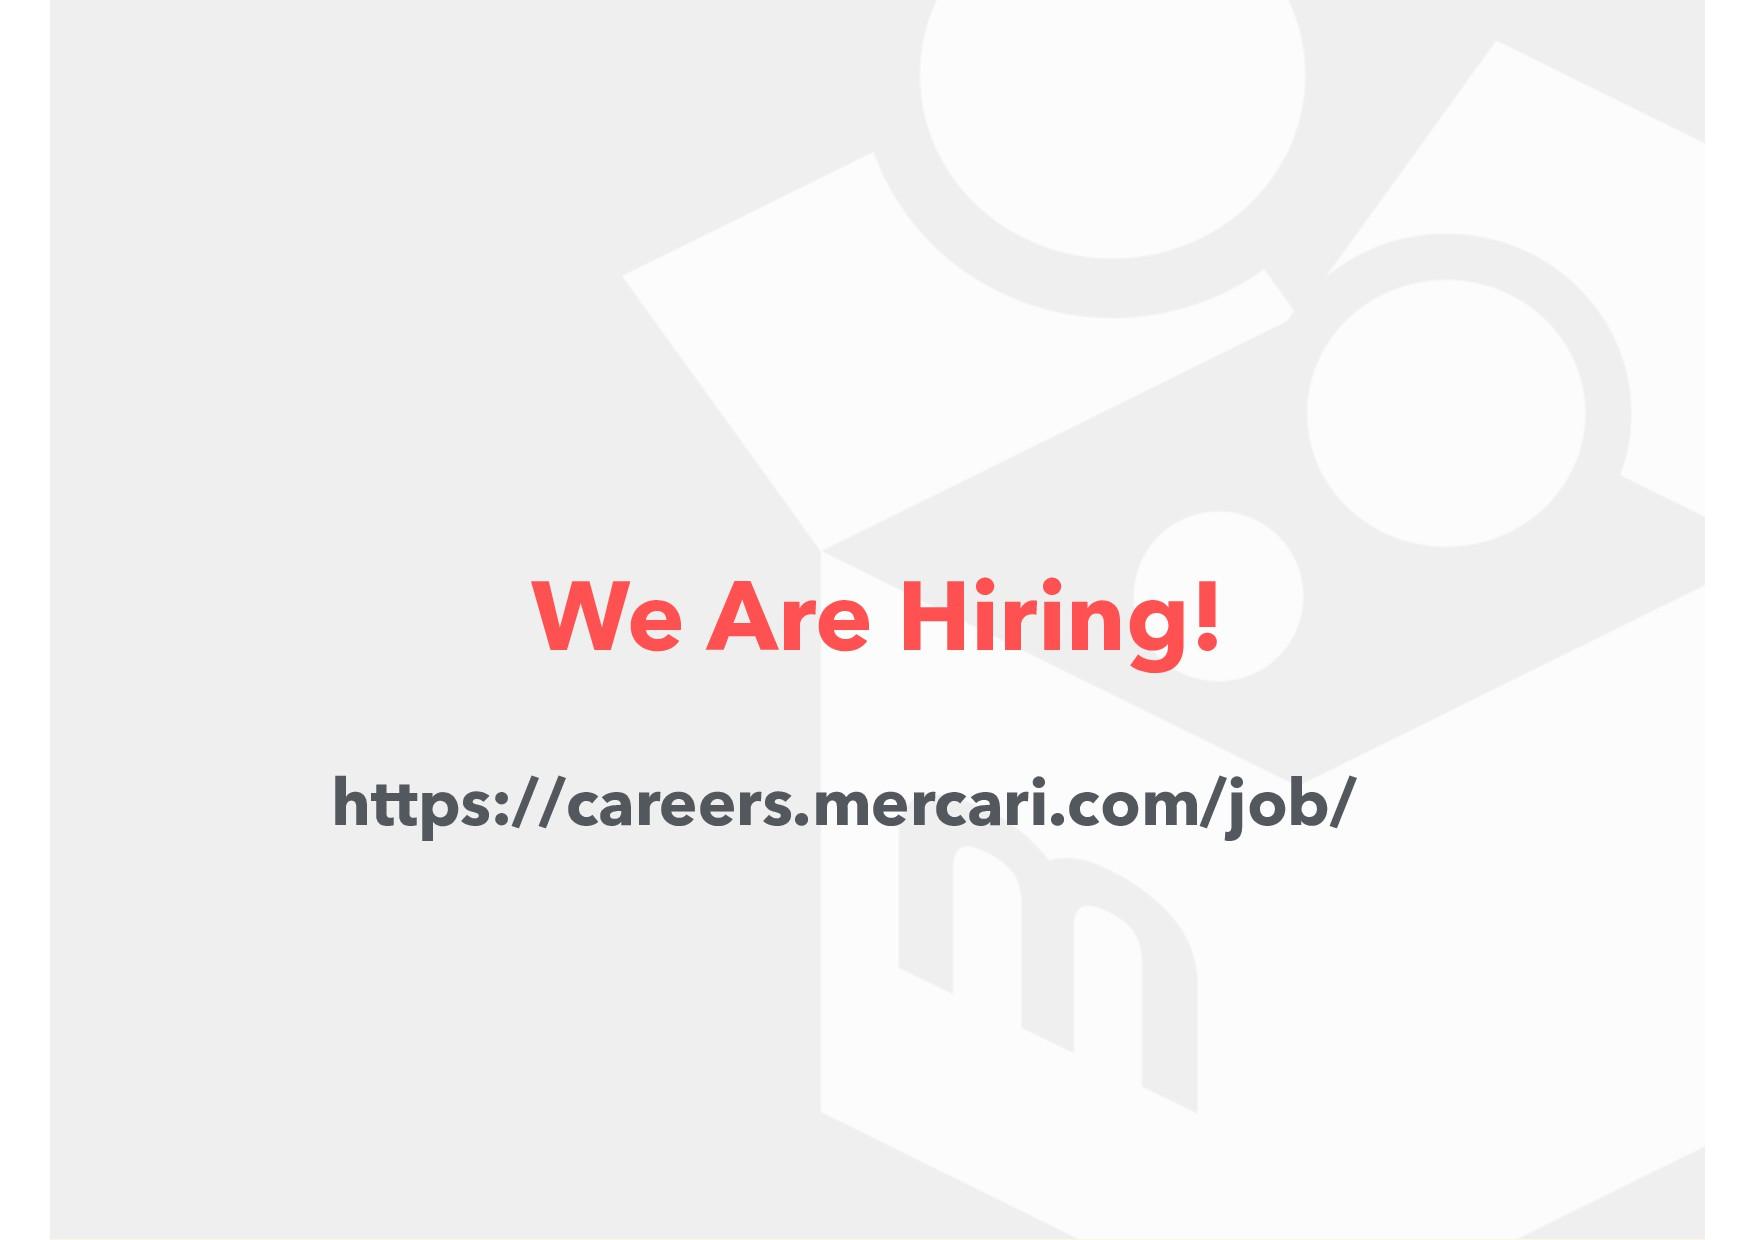 We Are Hiring! https://careers.mercari.com/job/